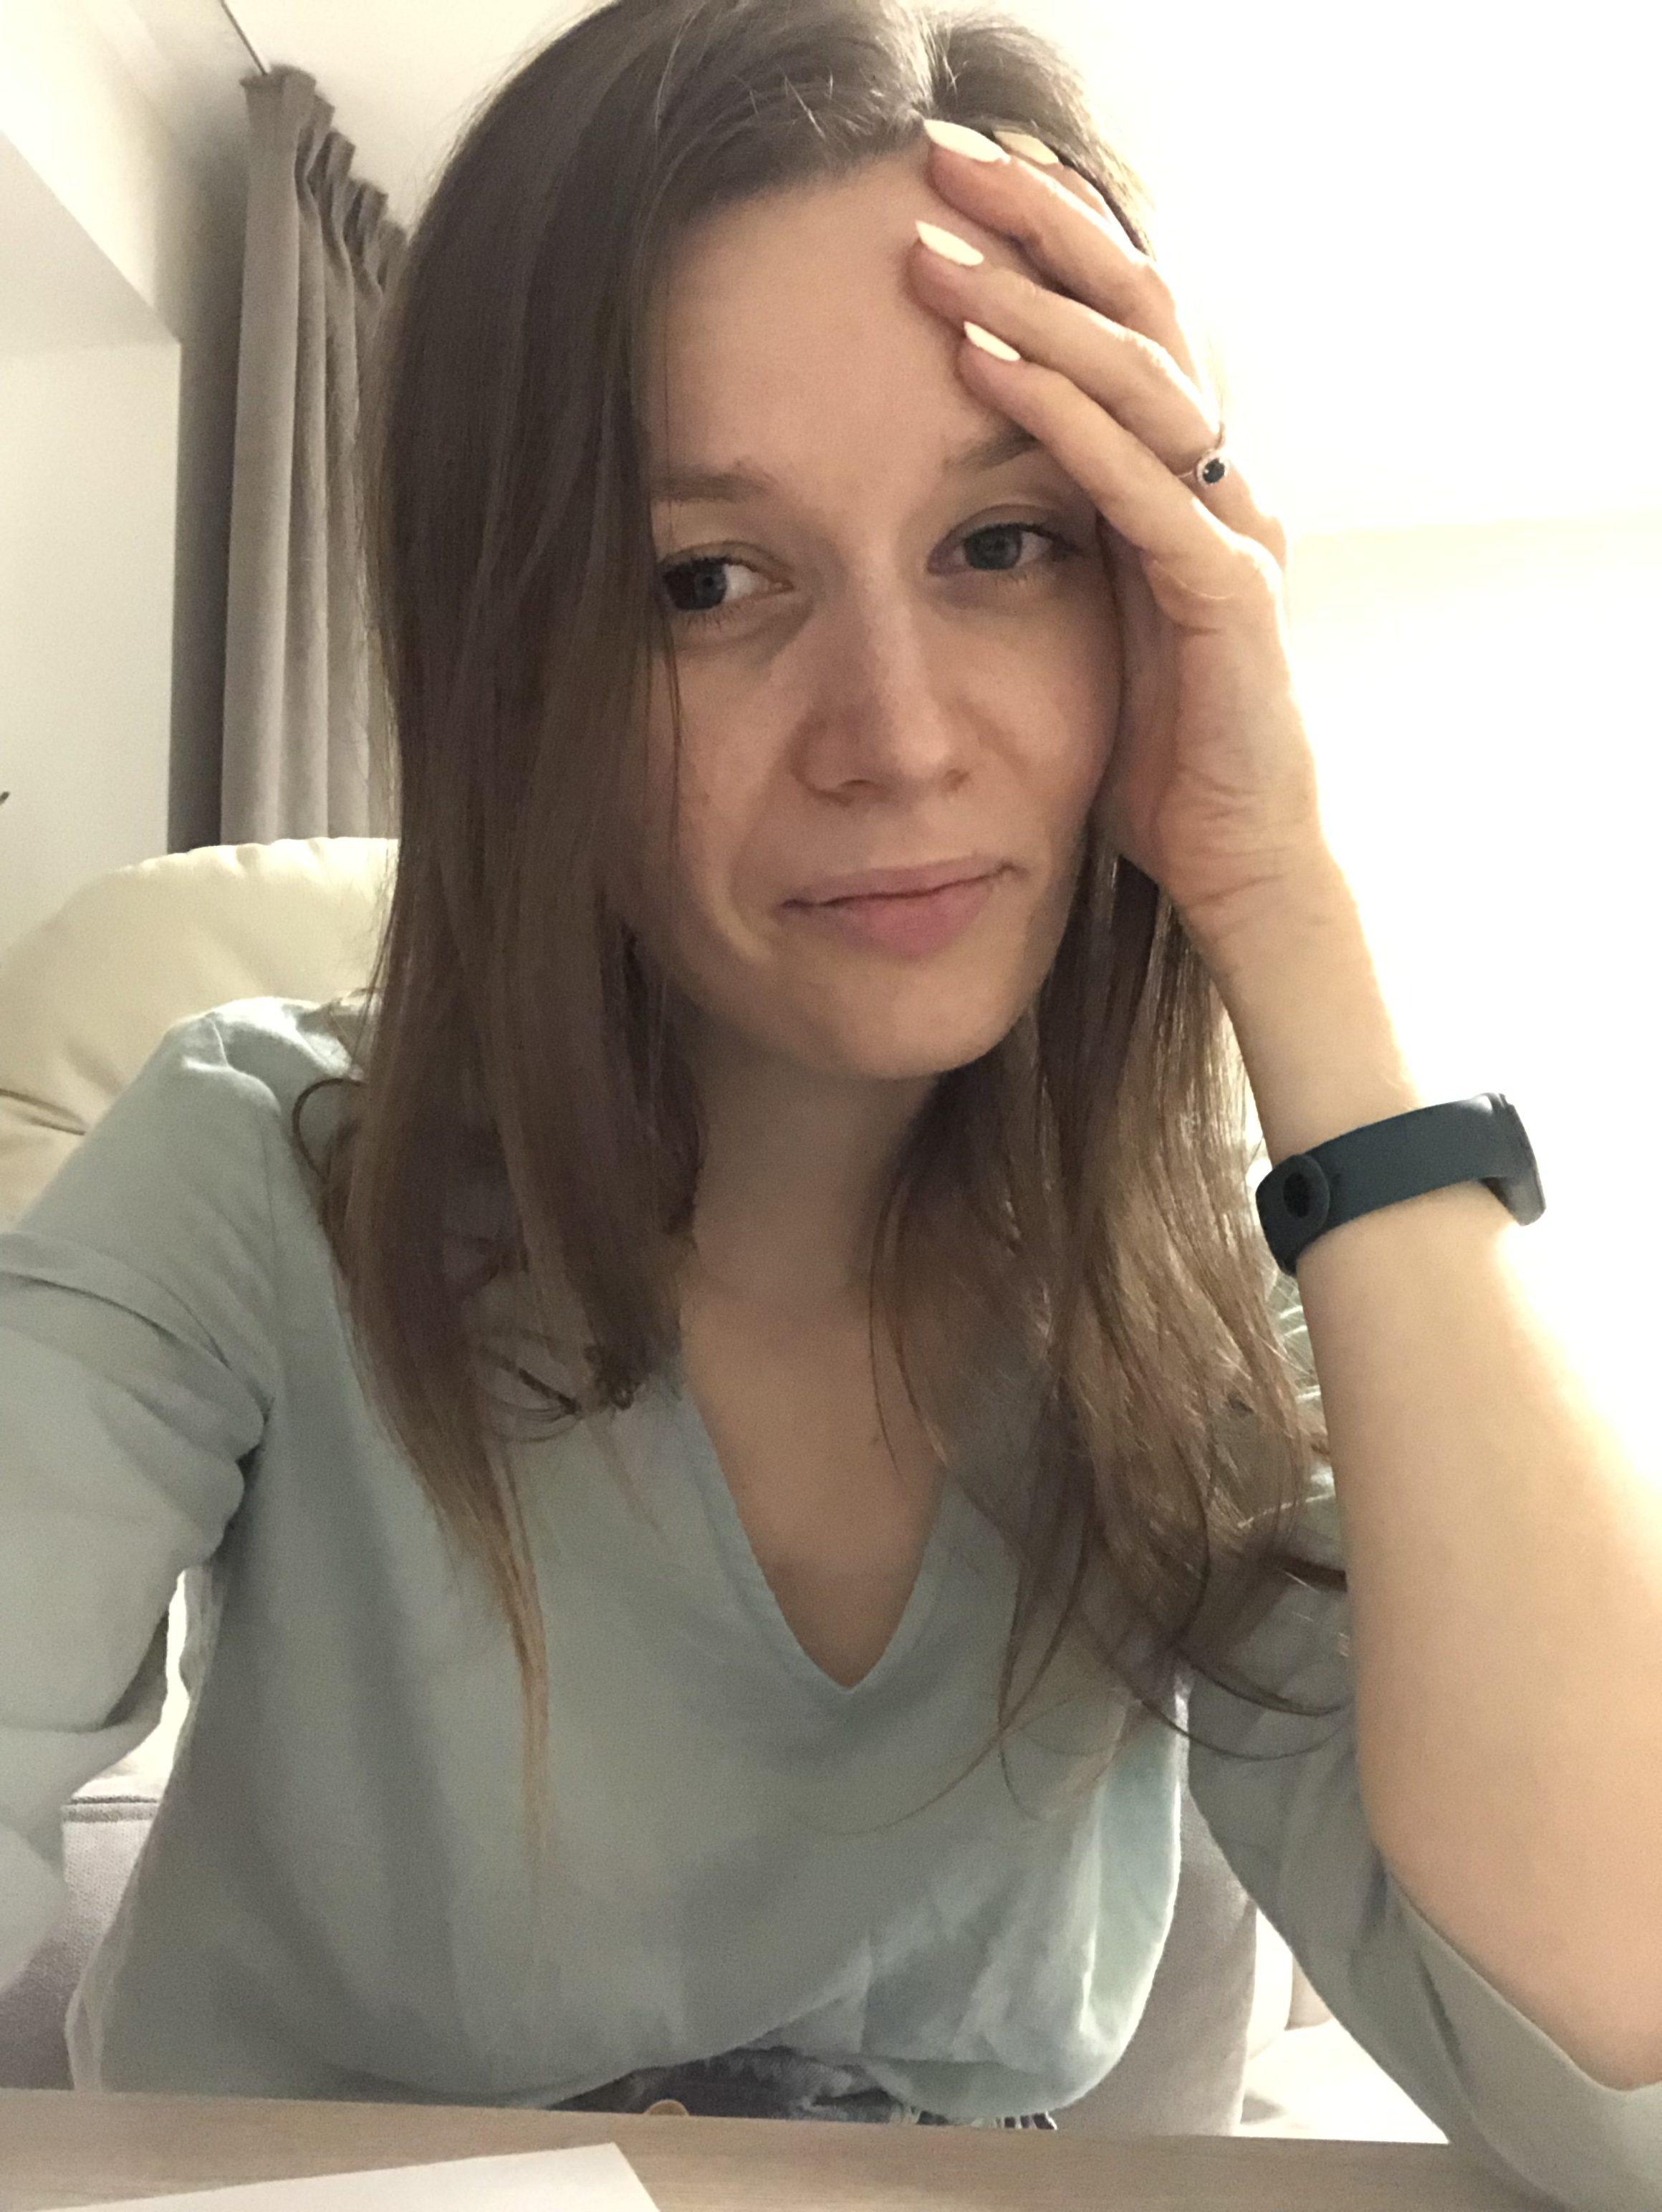 Хто я, і заодно про стилістику останніх публікацій - психолог Диана Сушко